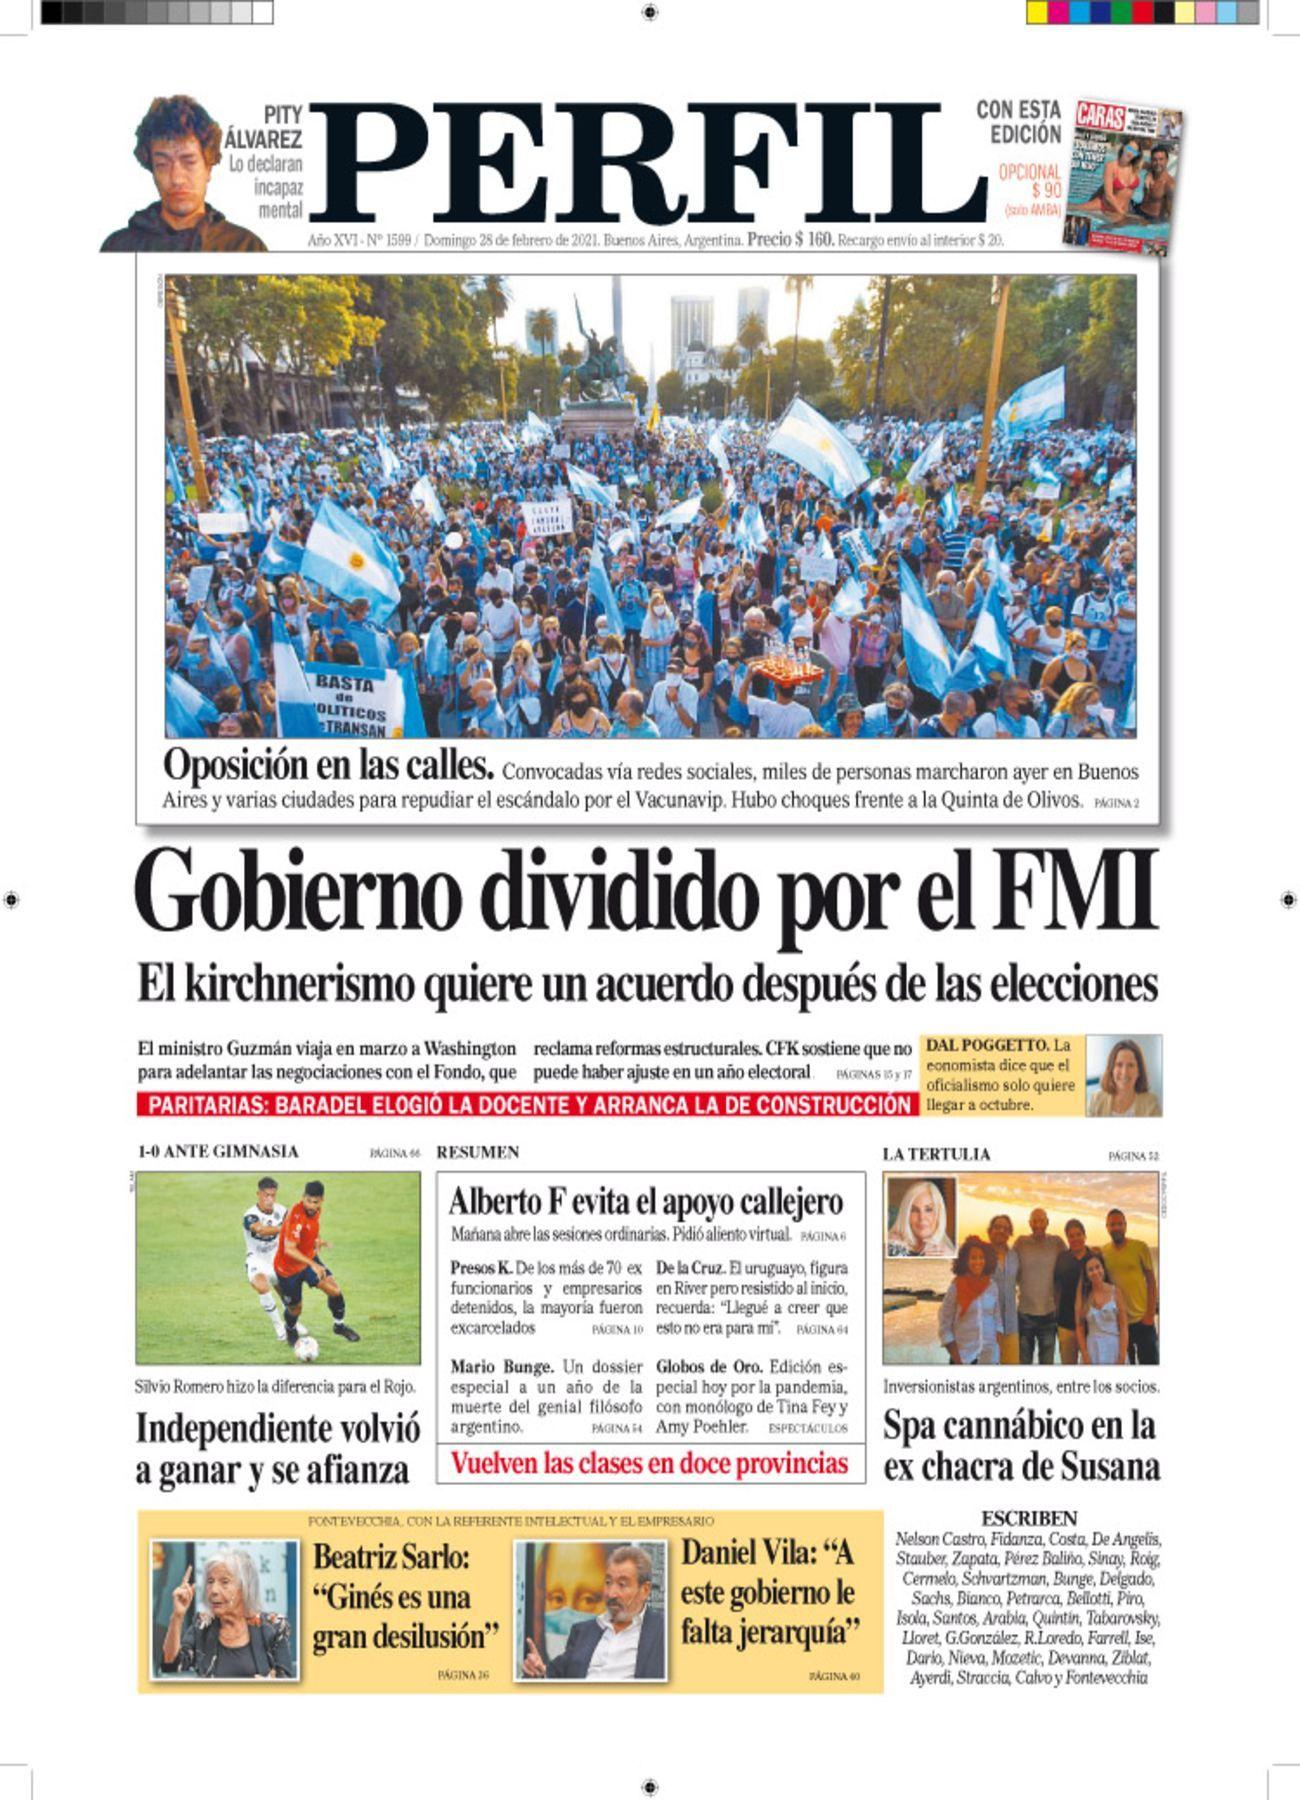 La tapa de Diario PERFIL del domingo 28 de febrero de 2021